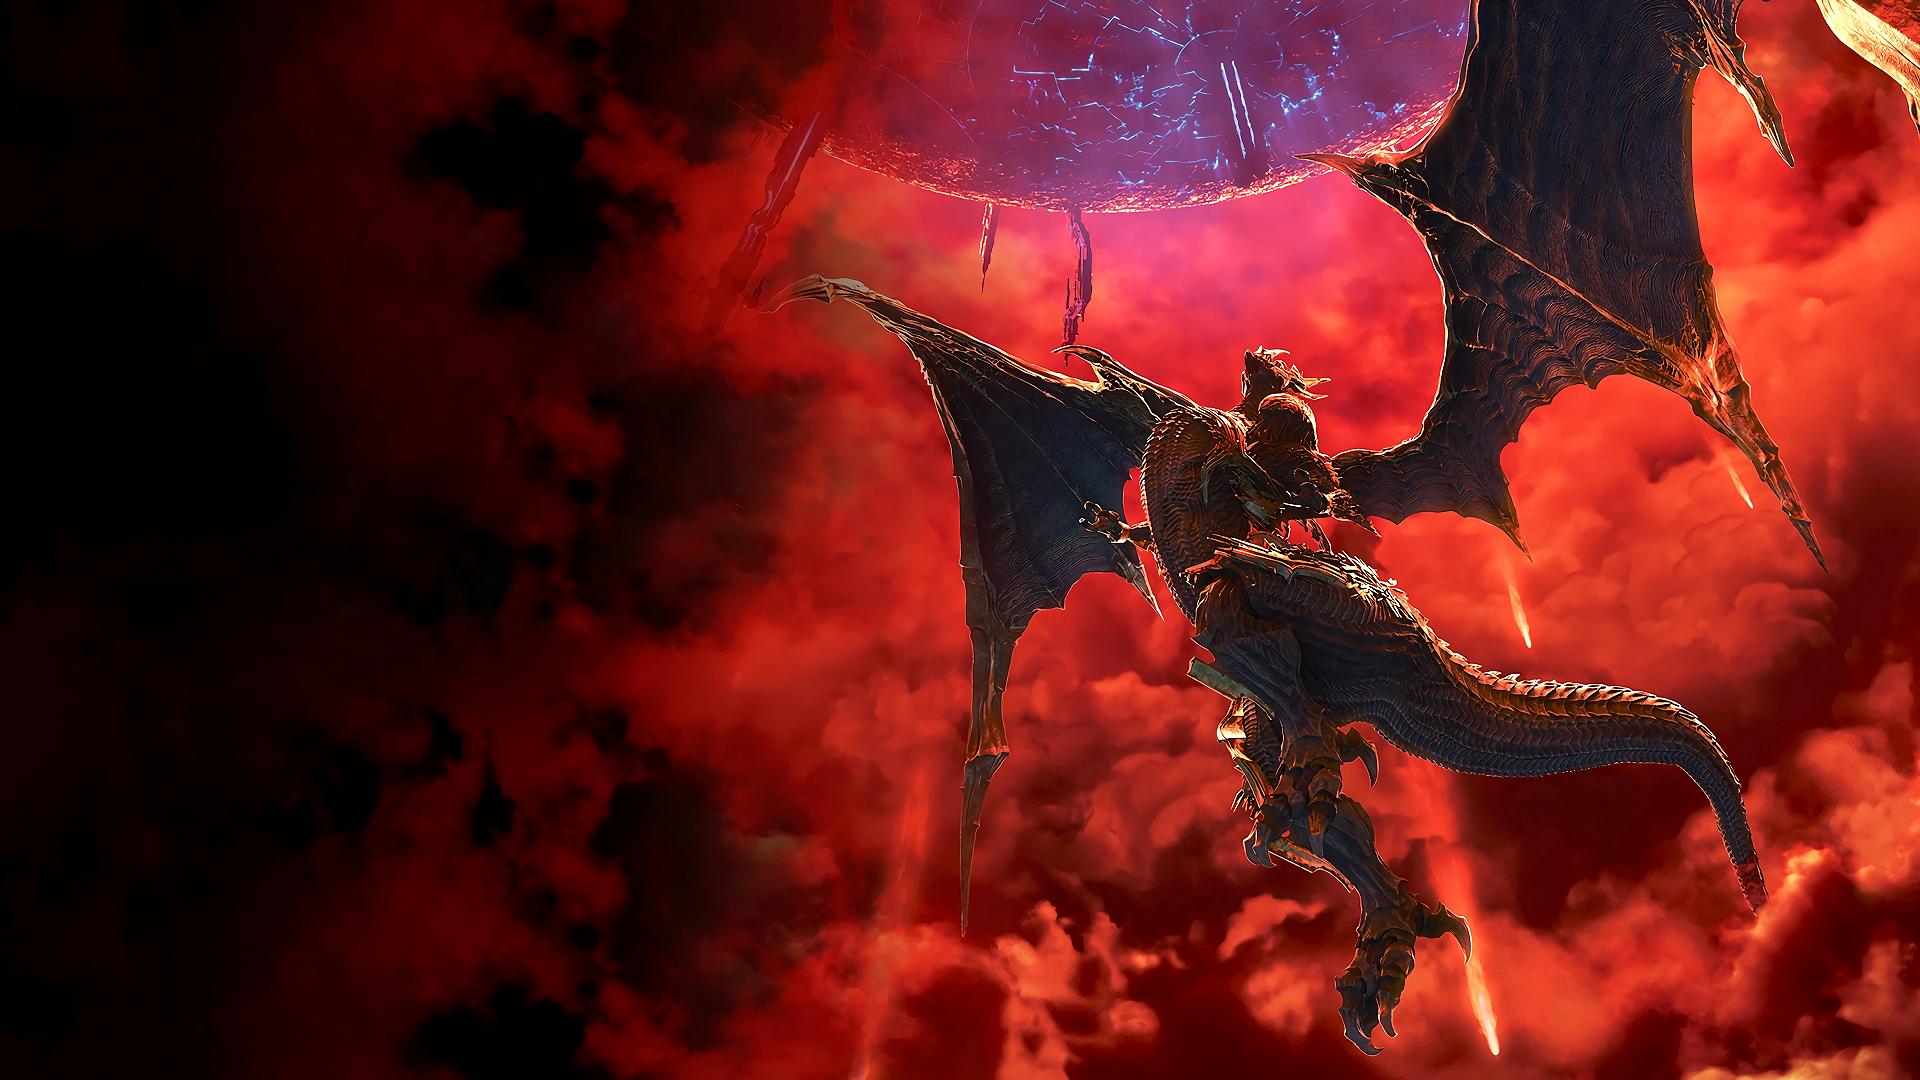 Wallpaper Final Fantasy Xiv A Realm Reborn Final Fantasy Xiv